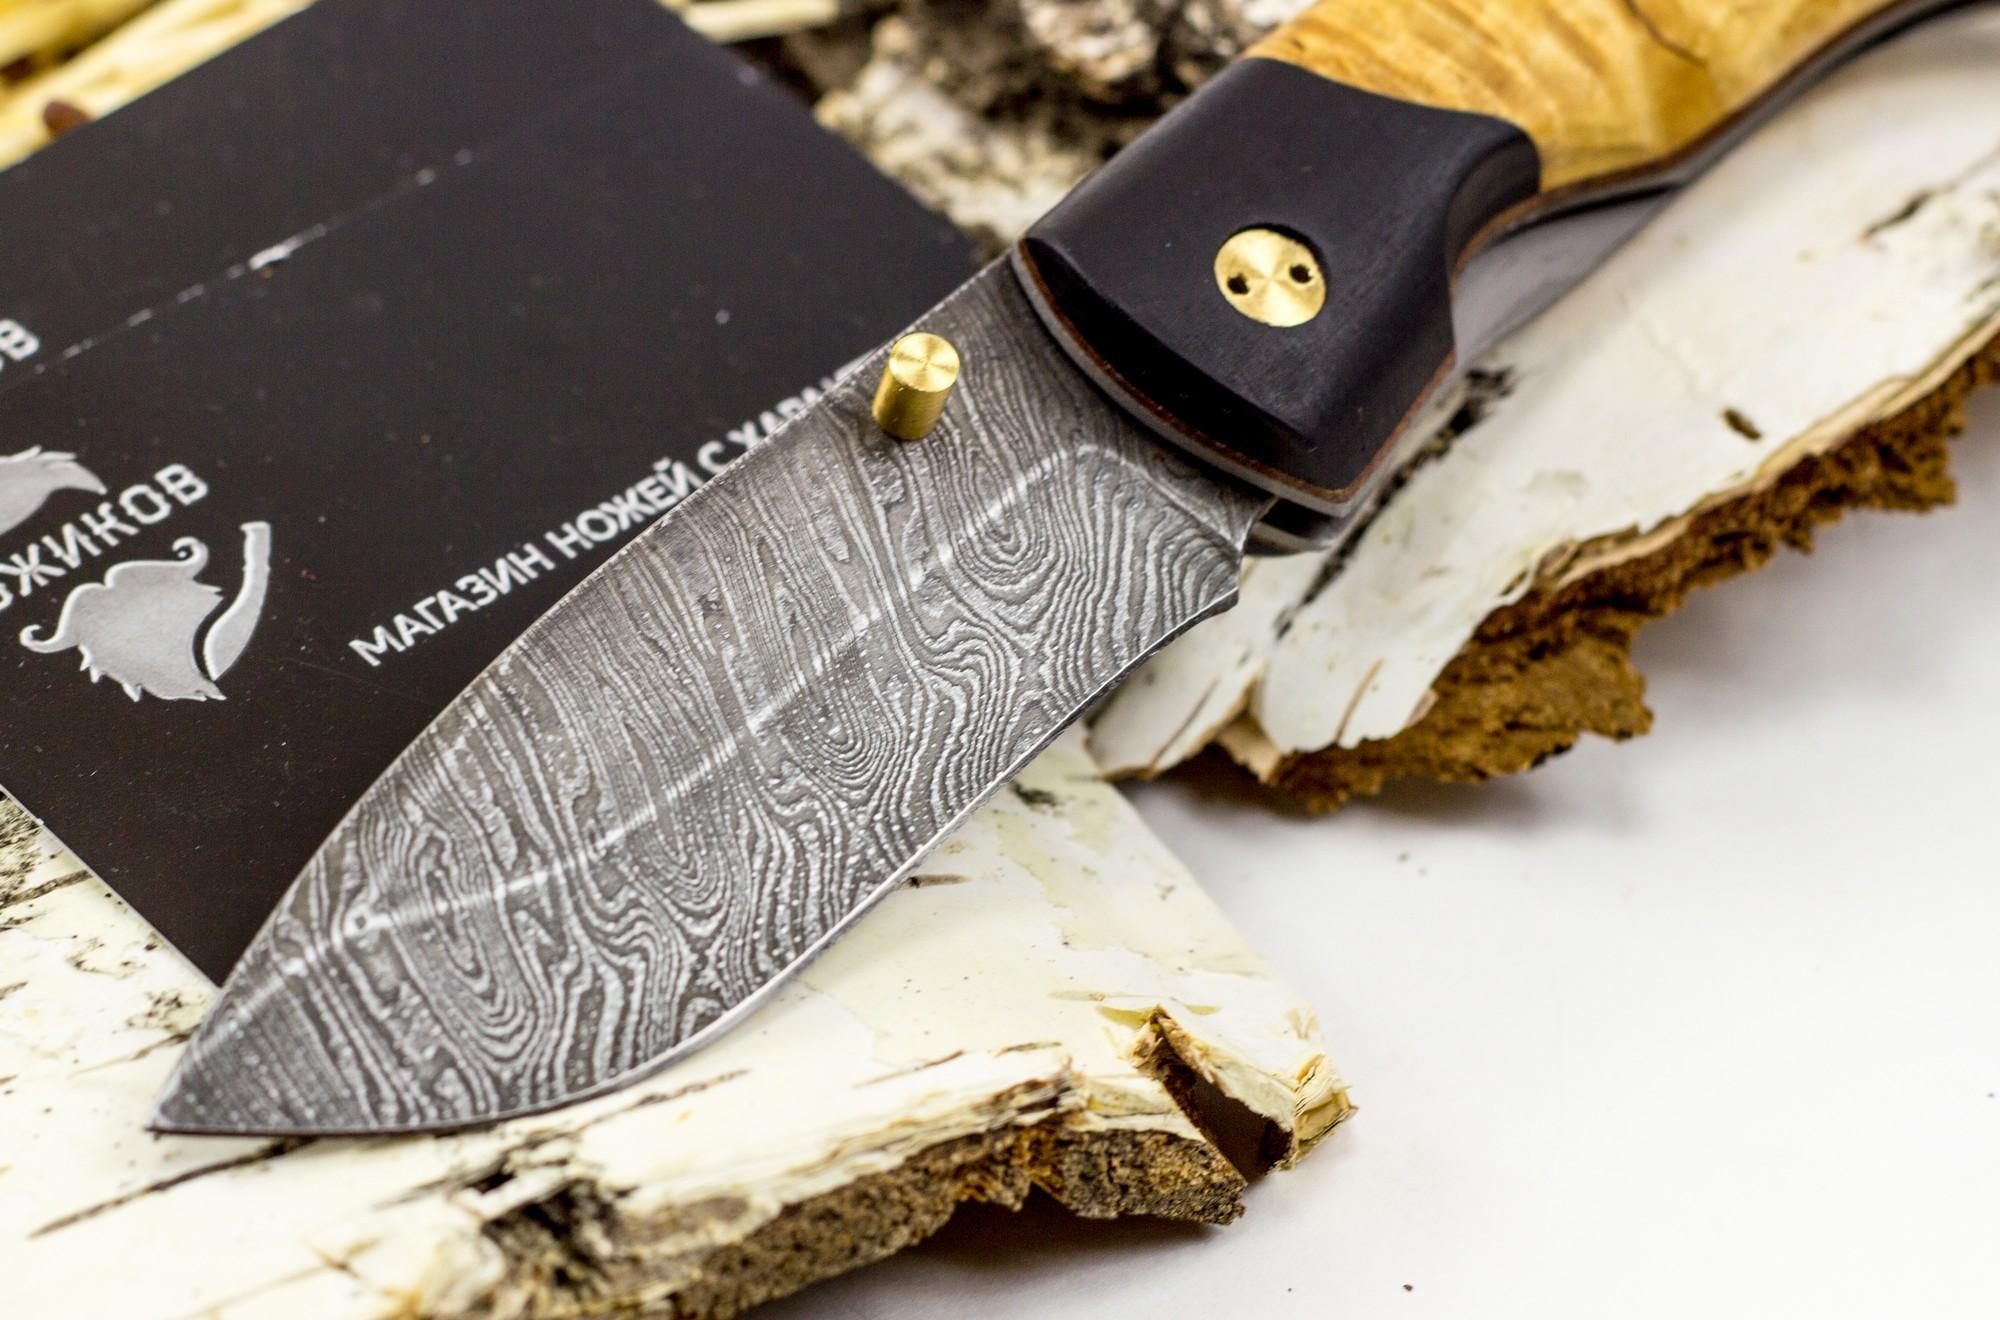 Фото 2 - Нож складной Егерьский-2, дамаск, карельская береза от Марычев